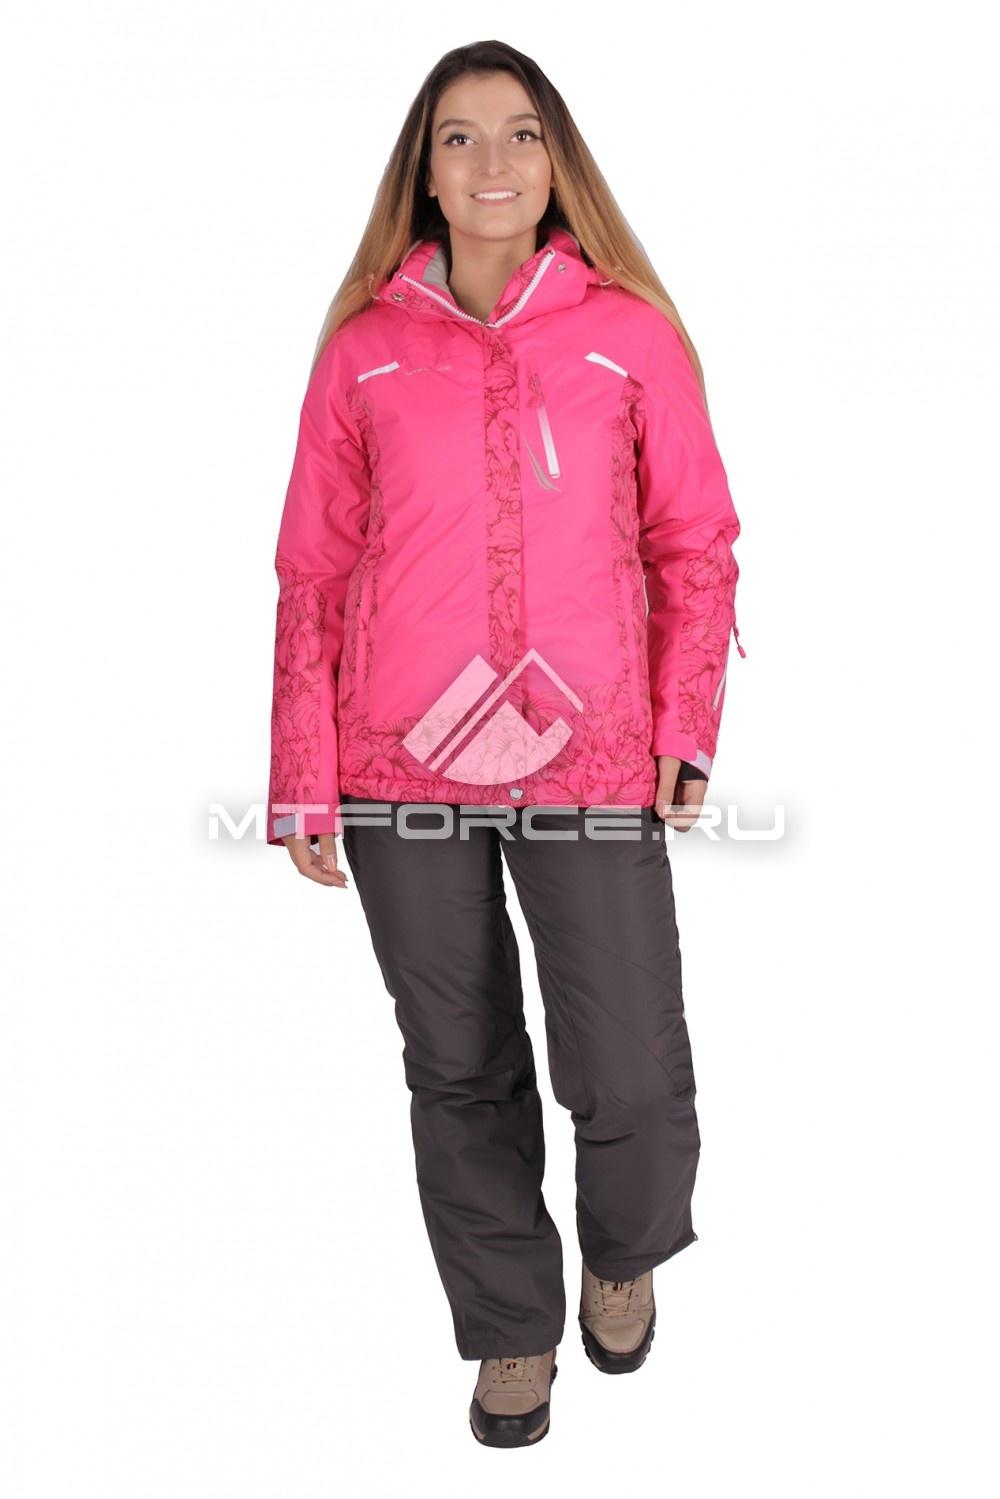 Купить оптом Костюм горнолыжный женский розового цвета 01621R